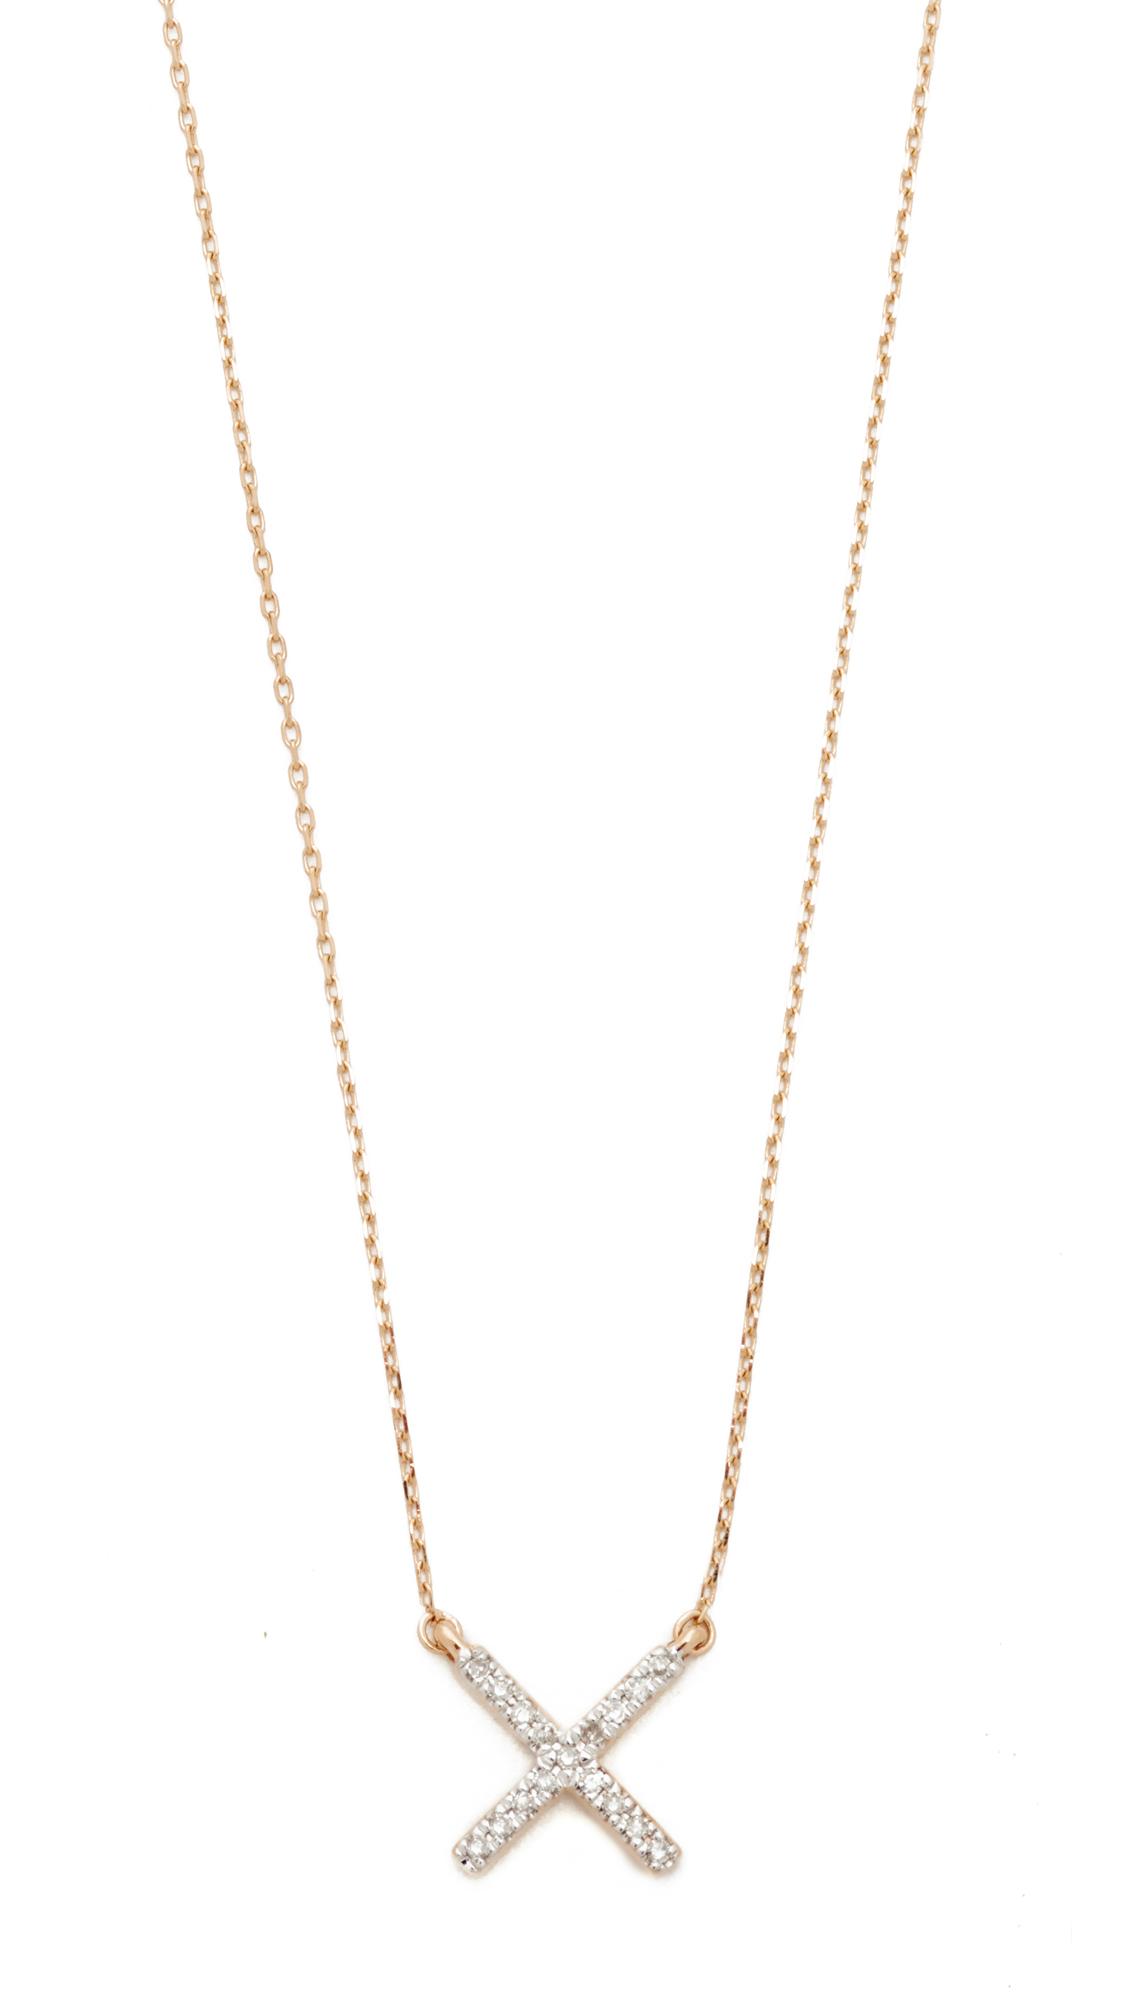 Adina Reyter 14k Gold Pave X Necklace - Gold